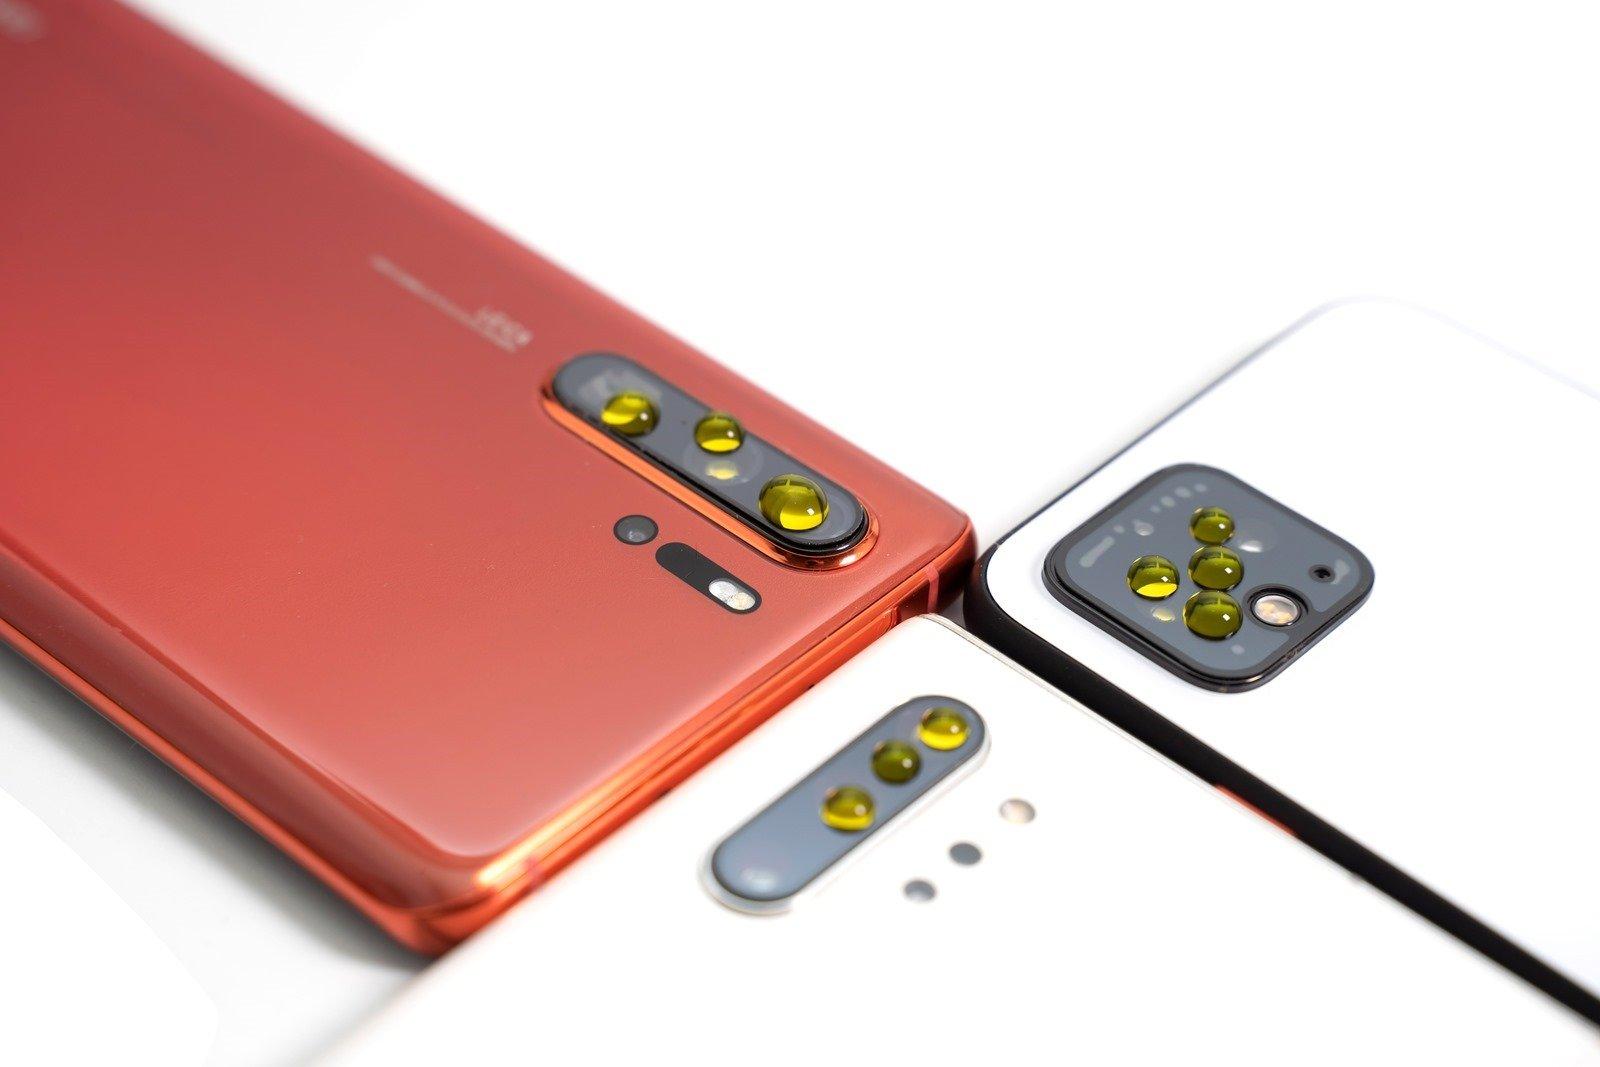 手機鏡頭保護?要用就用藍寶石保護貼!hoda 推出多款藍寶石鏡頭保護貼產品(三星 Note 10 / 華為 P30 Pro / Google Pixel 4)@3C 達人廖阿輝